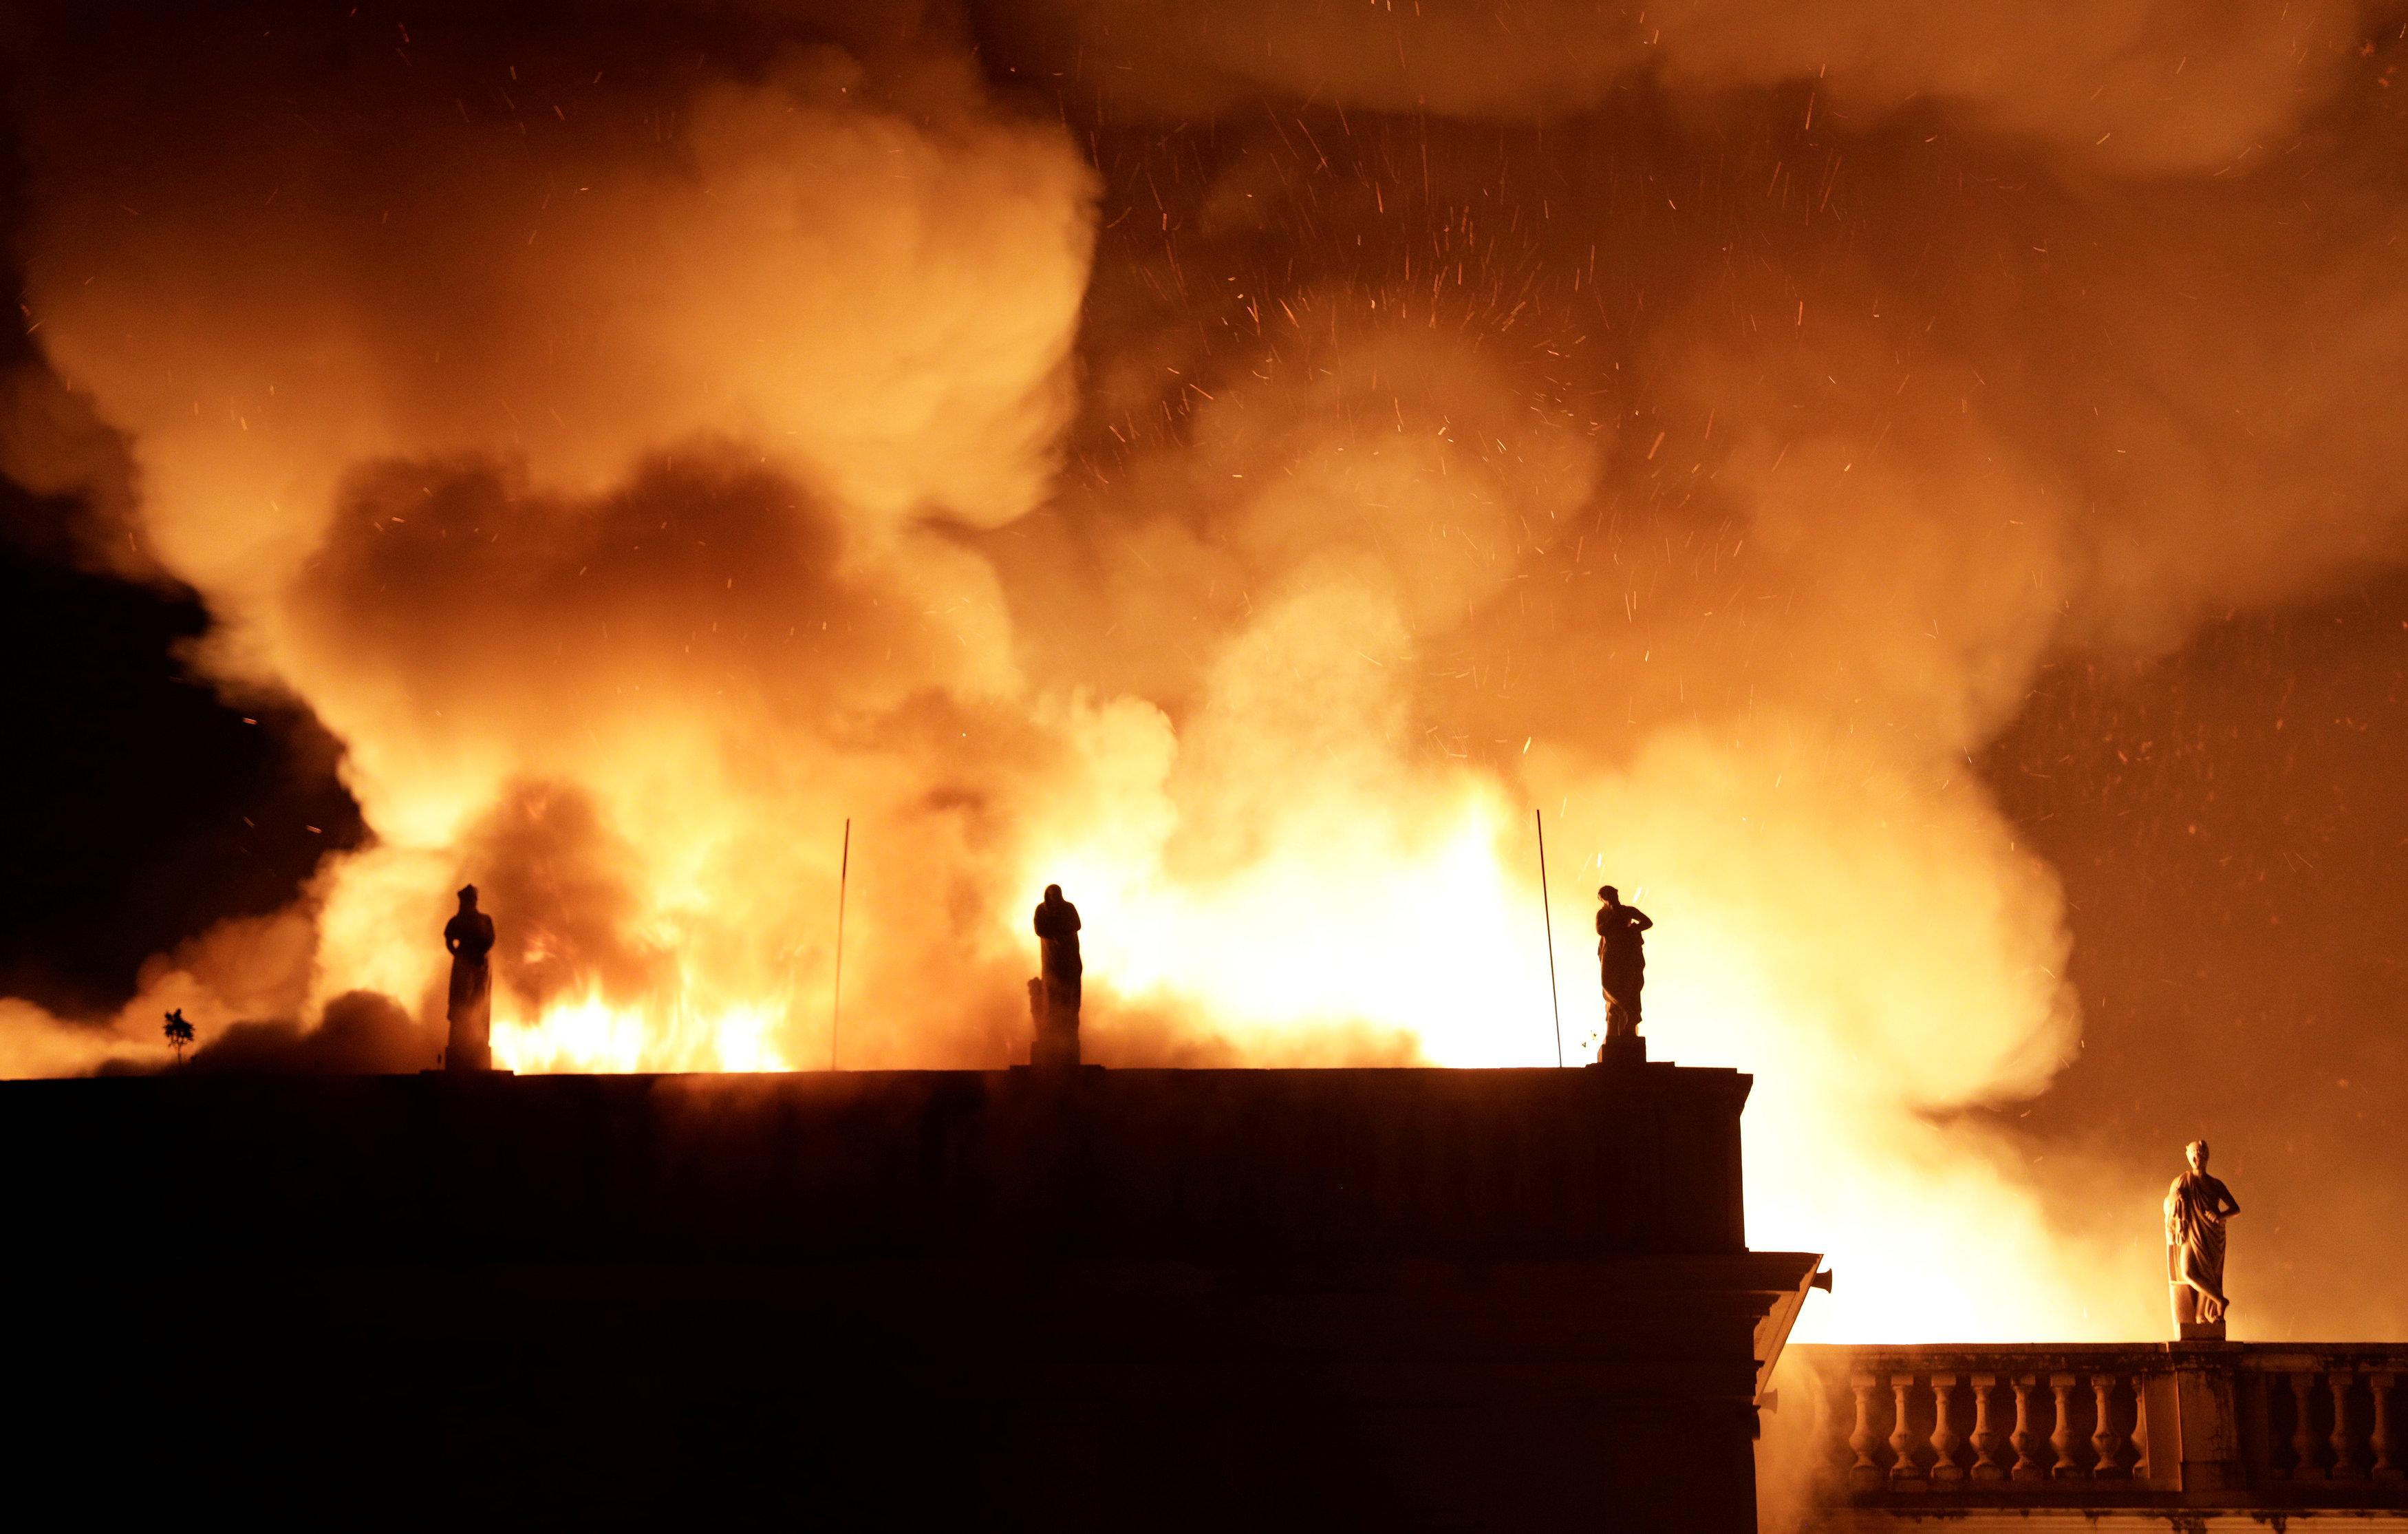 حريق هائل فى المتحف الوطنى بريو دى جانيرو